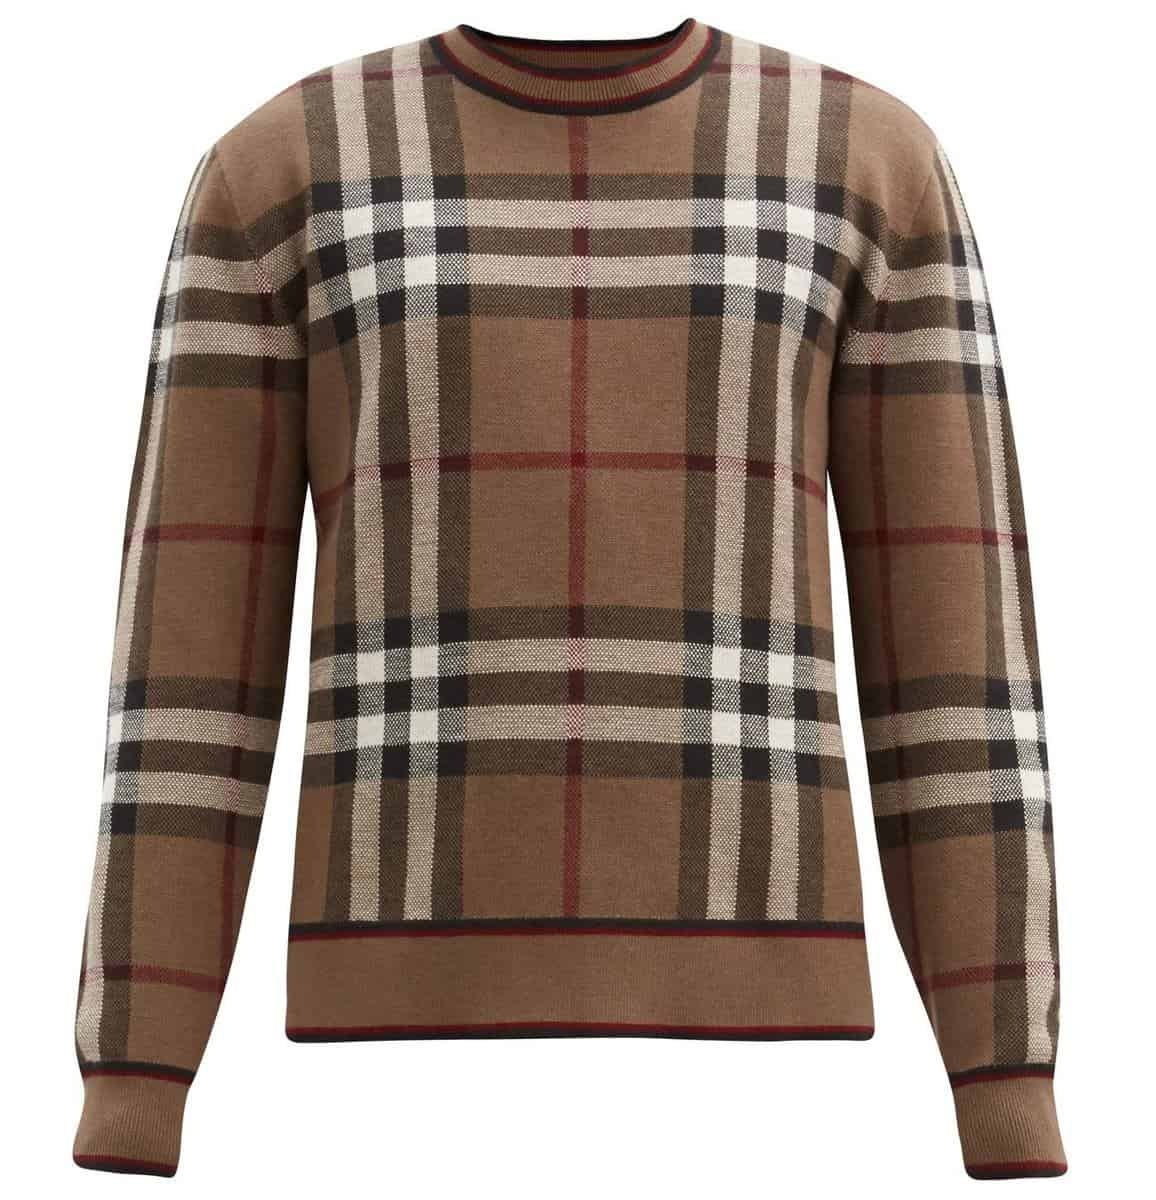 Burberry Check Intarsia Merino Wool Sweater